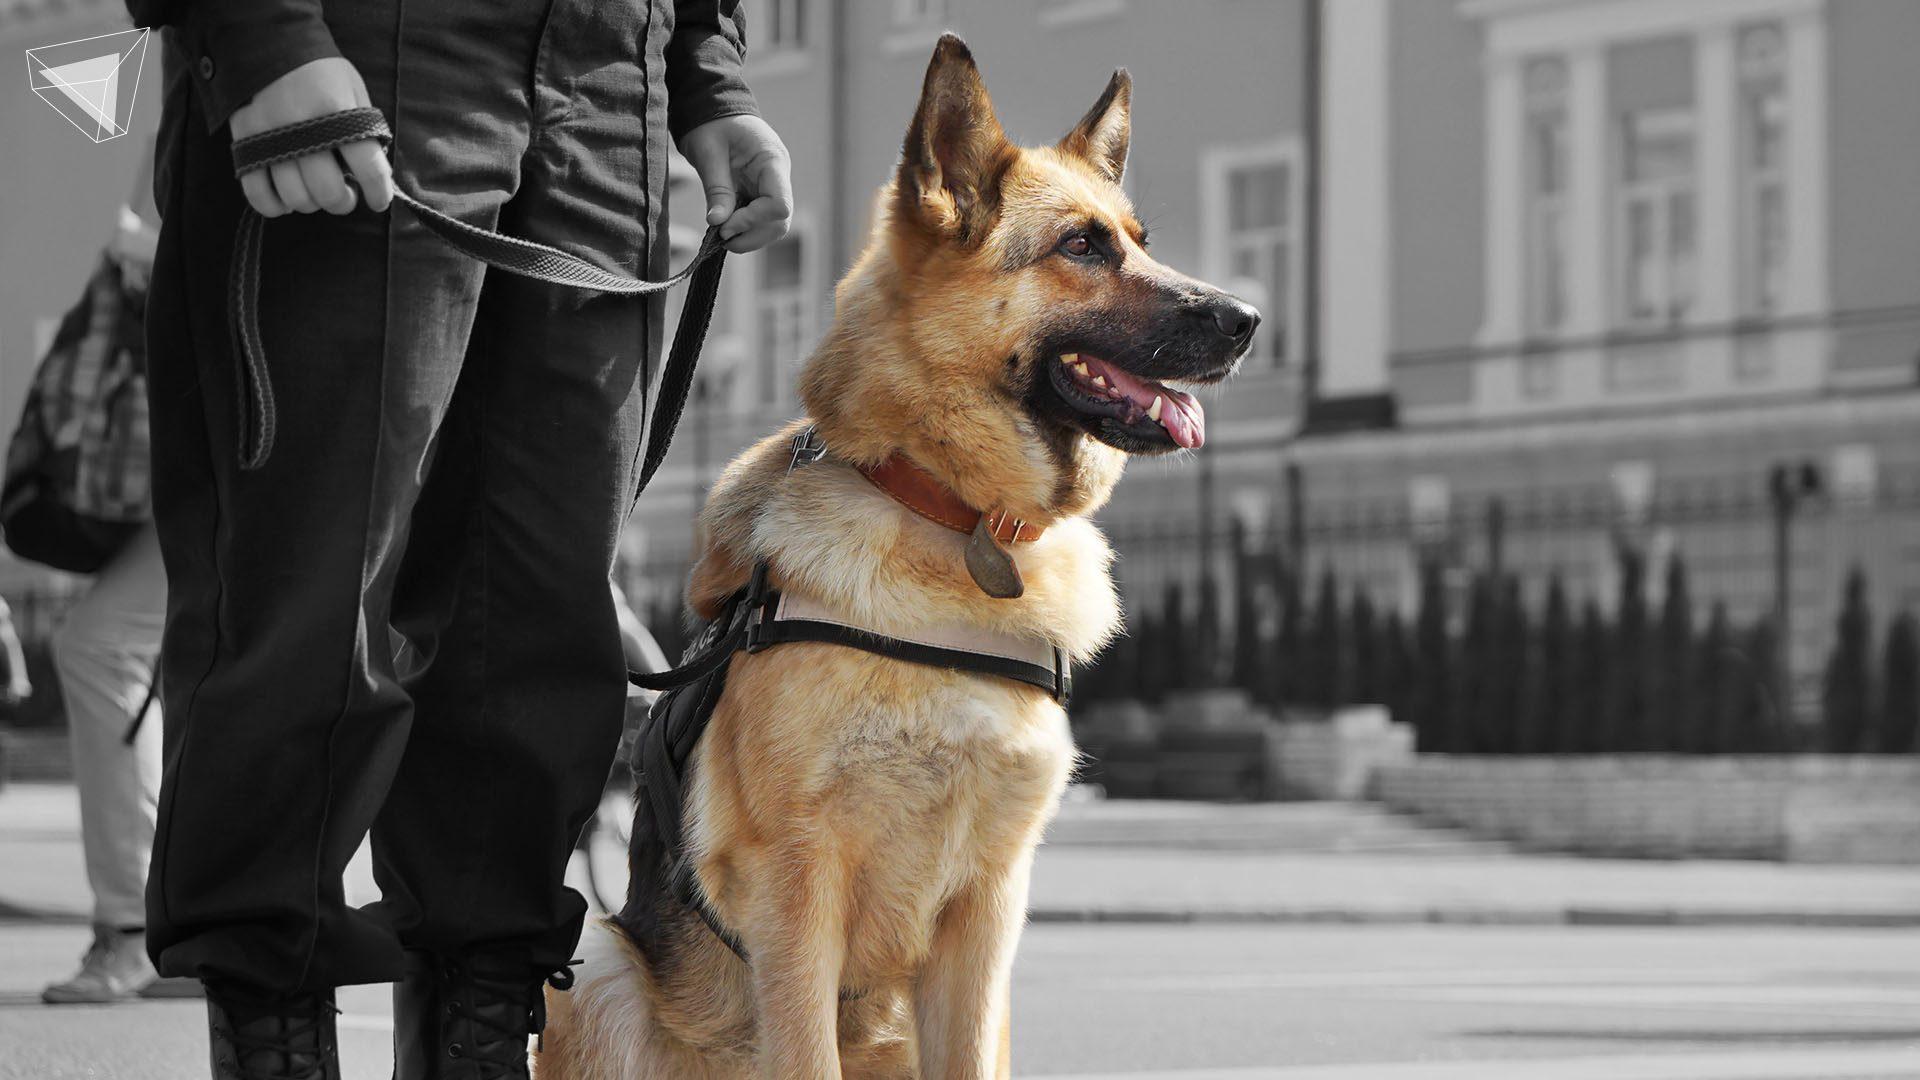 หนัง Action ที่พระเอกมีสุนัขเป็นเพื่อน